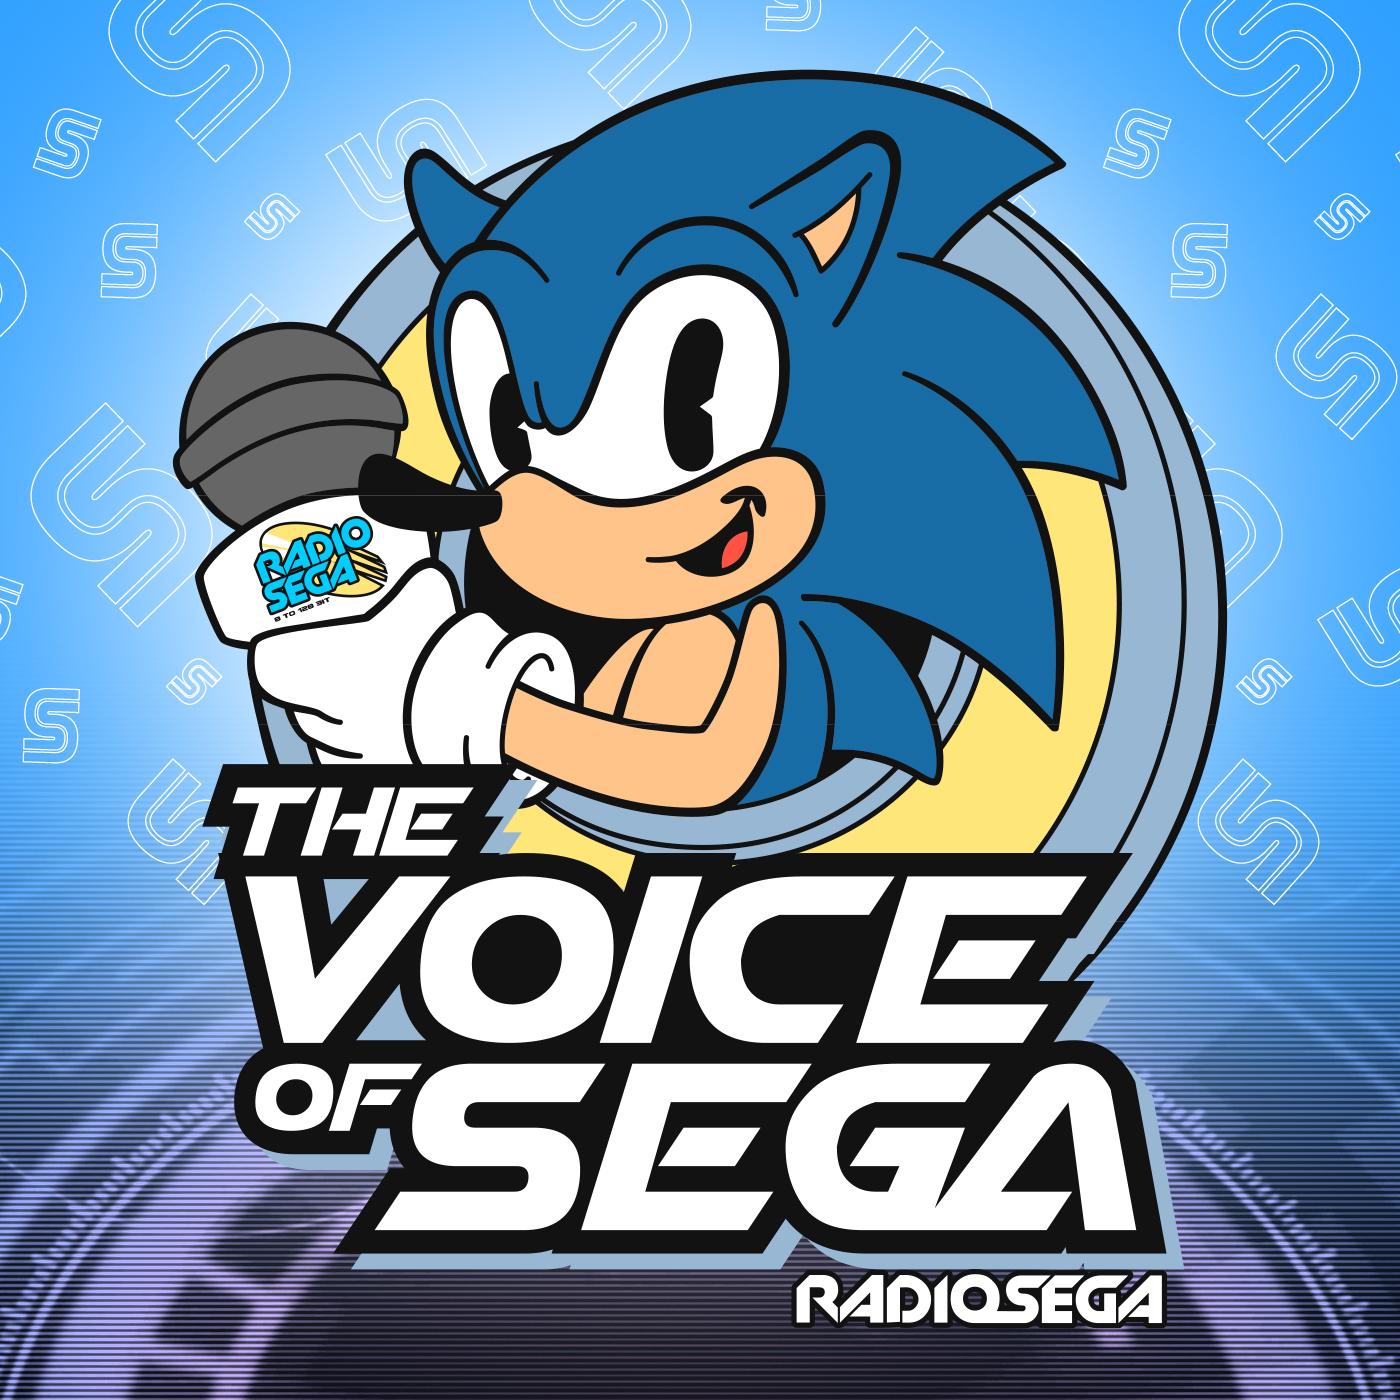 The Voice of SEGA